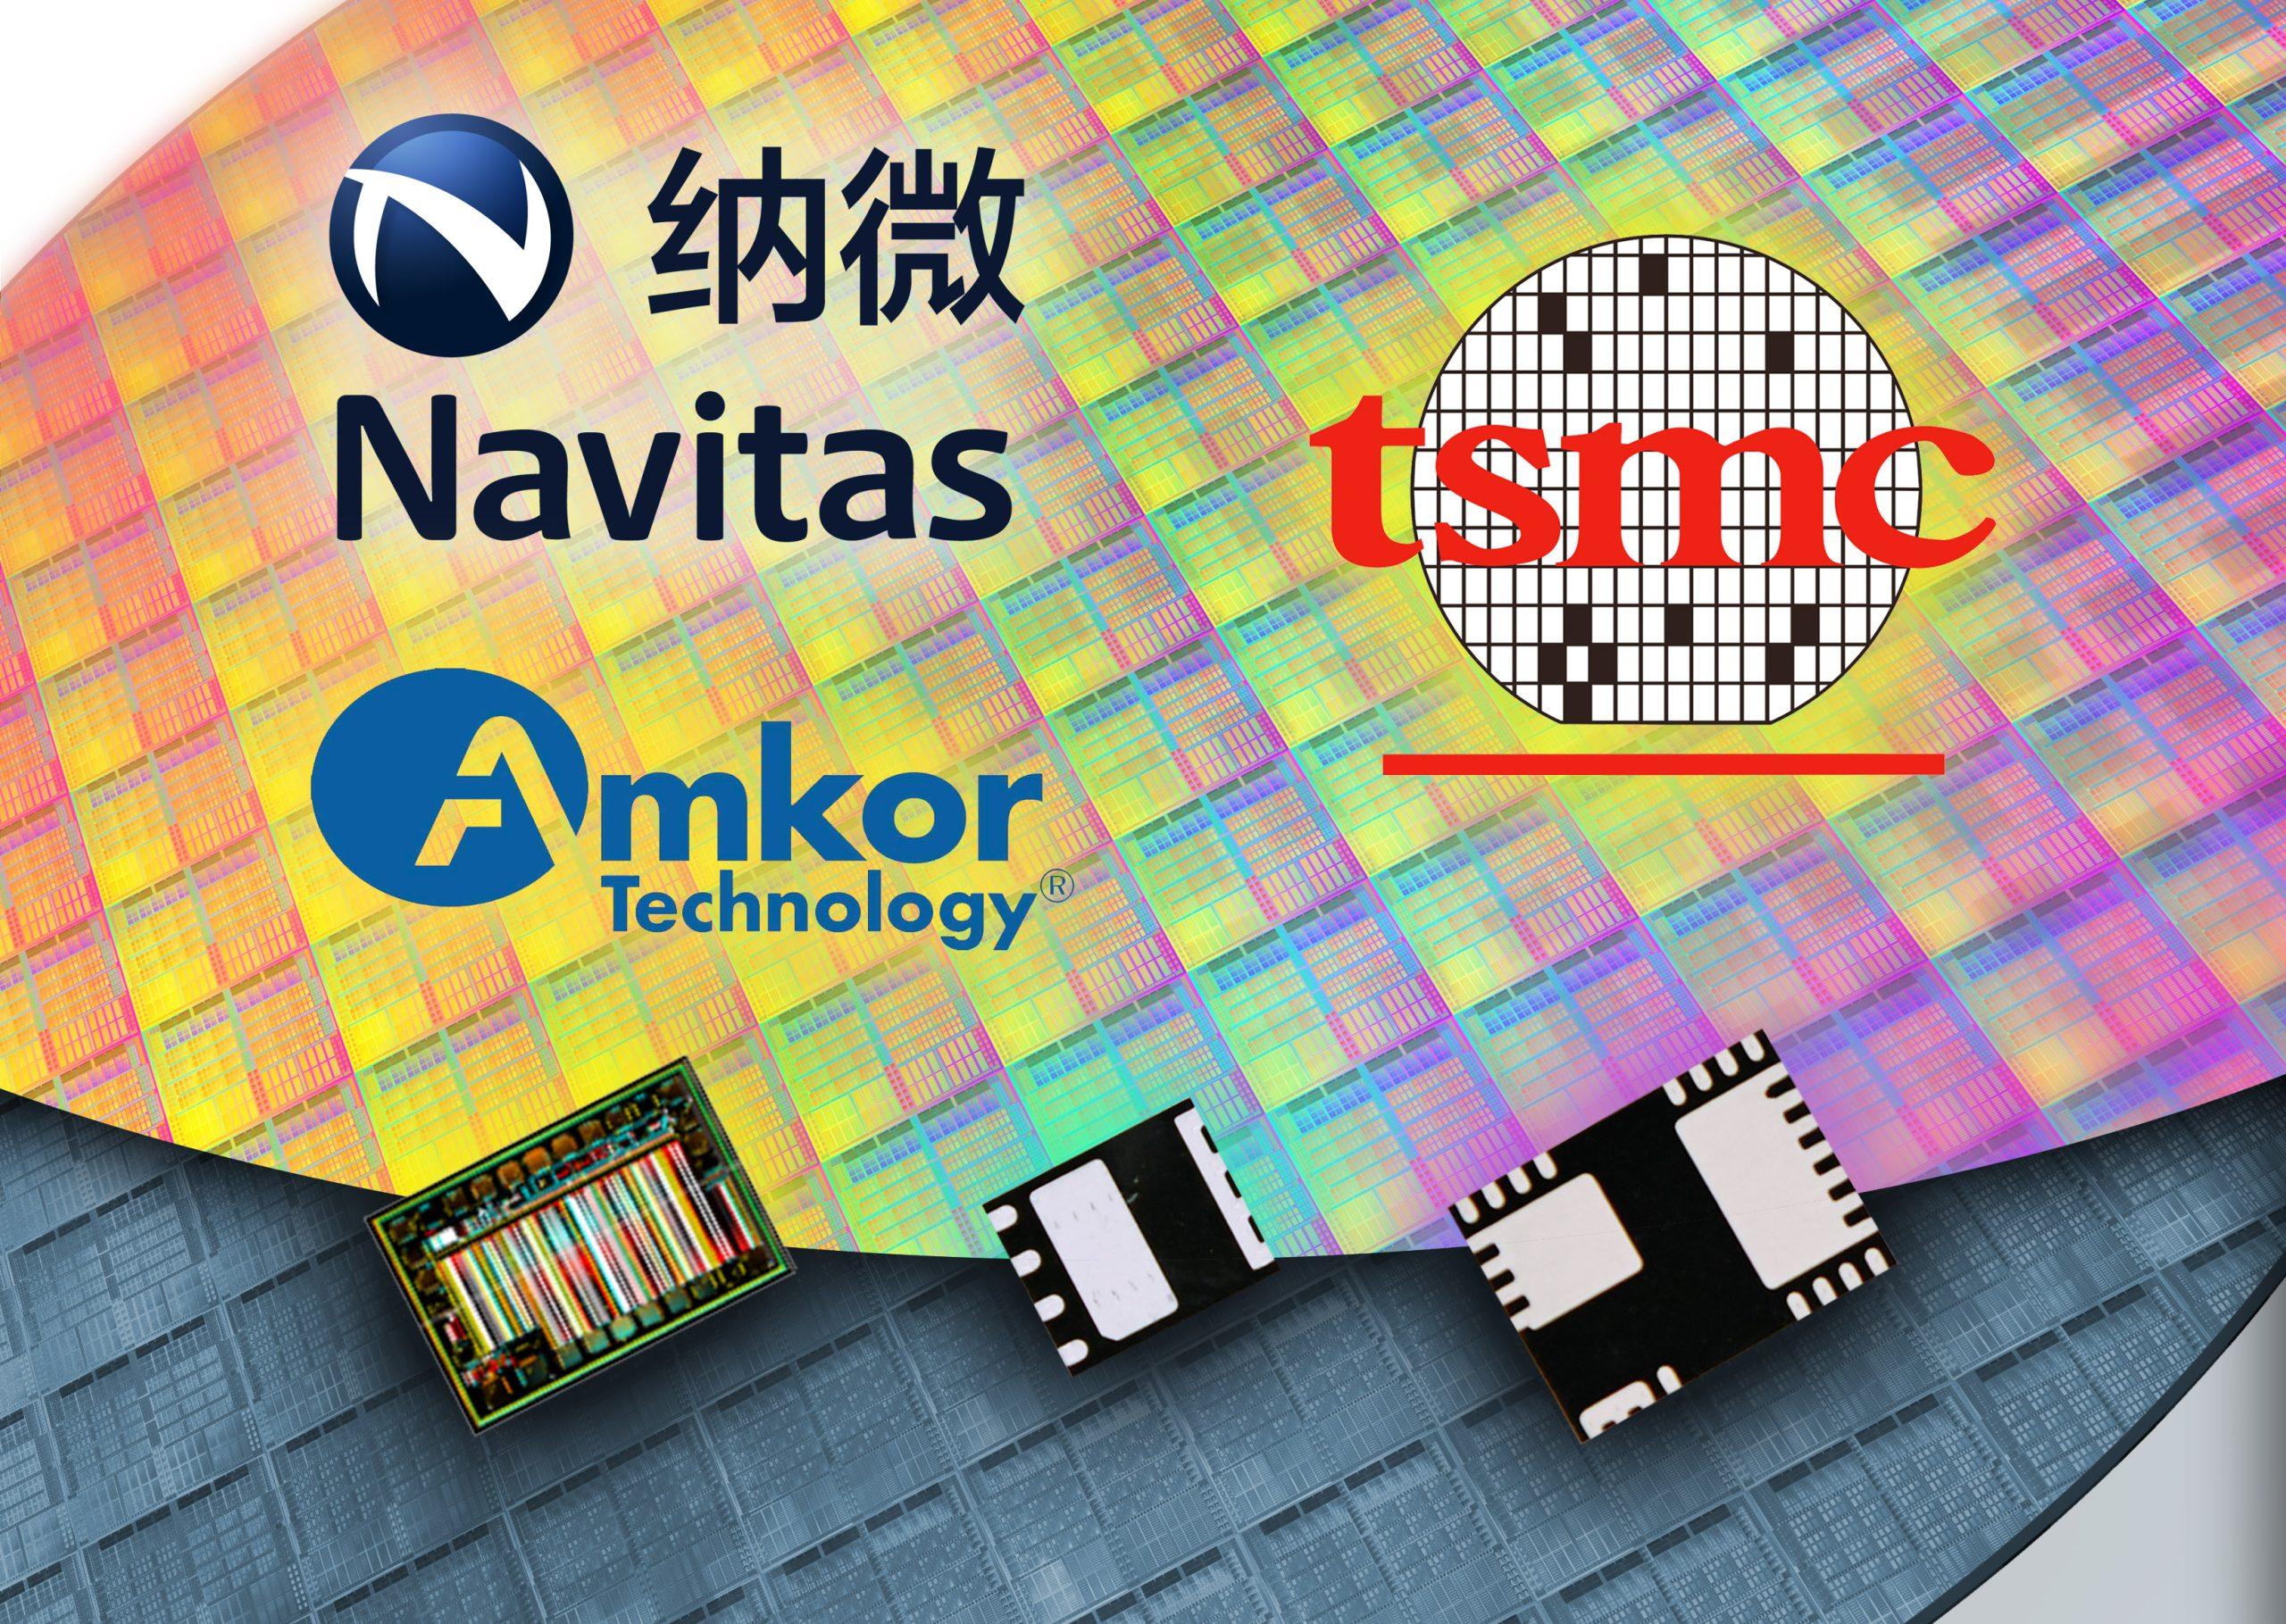 纳微宣布与台积电及Amkor 结成制造合作伙伴